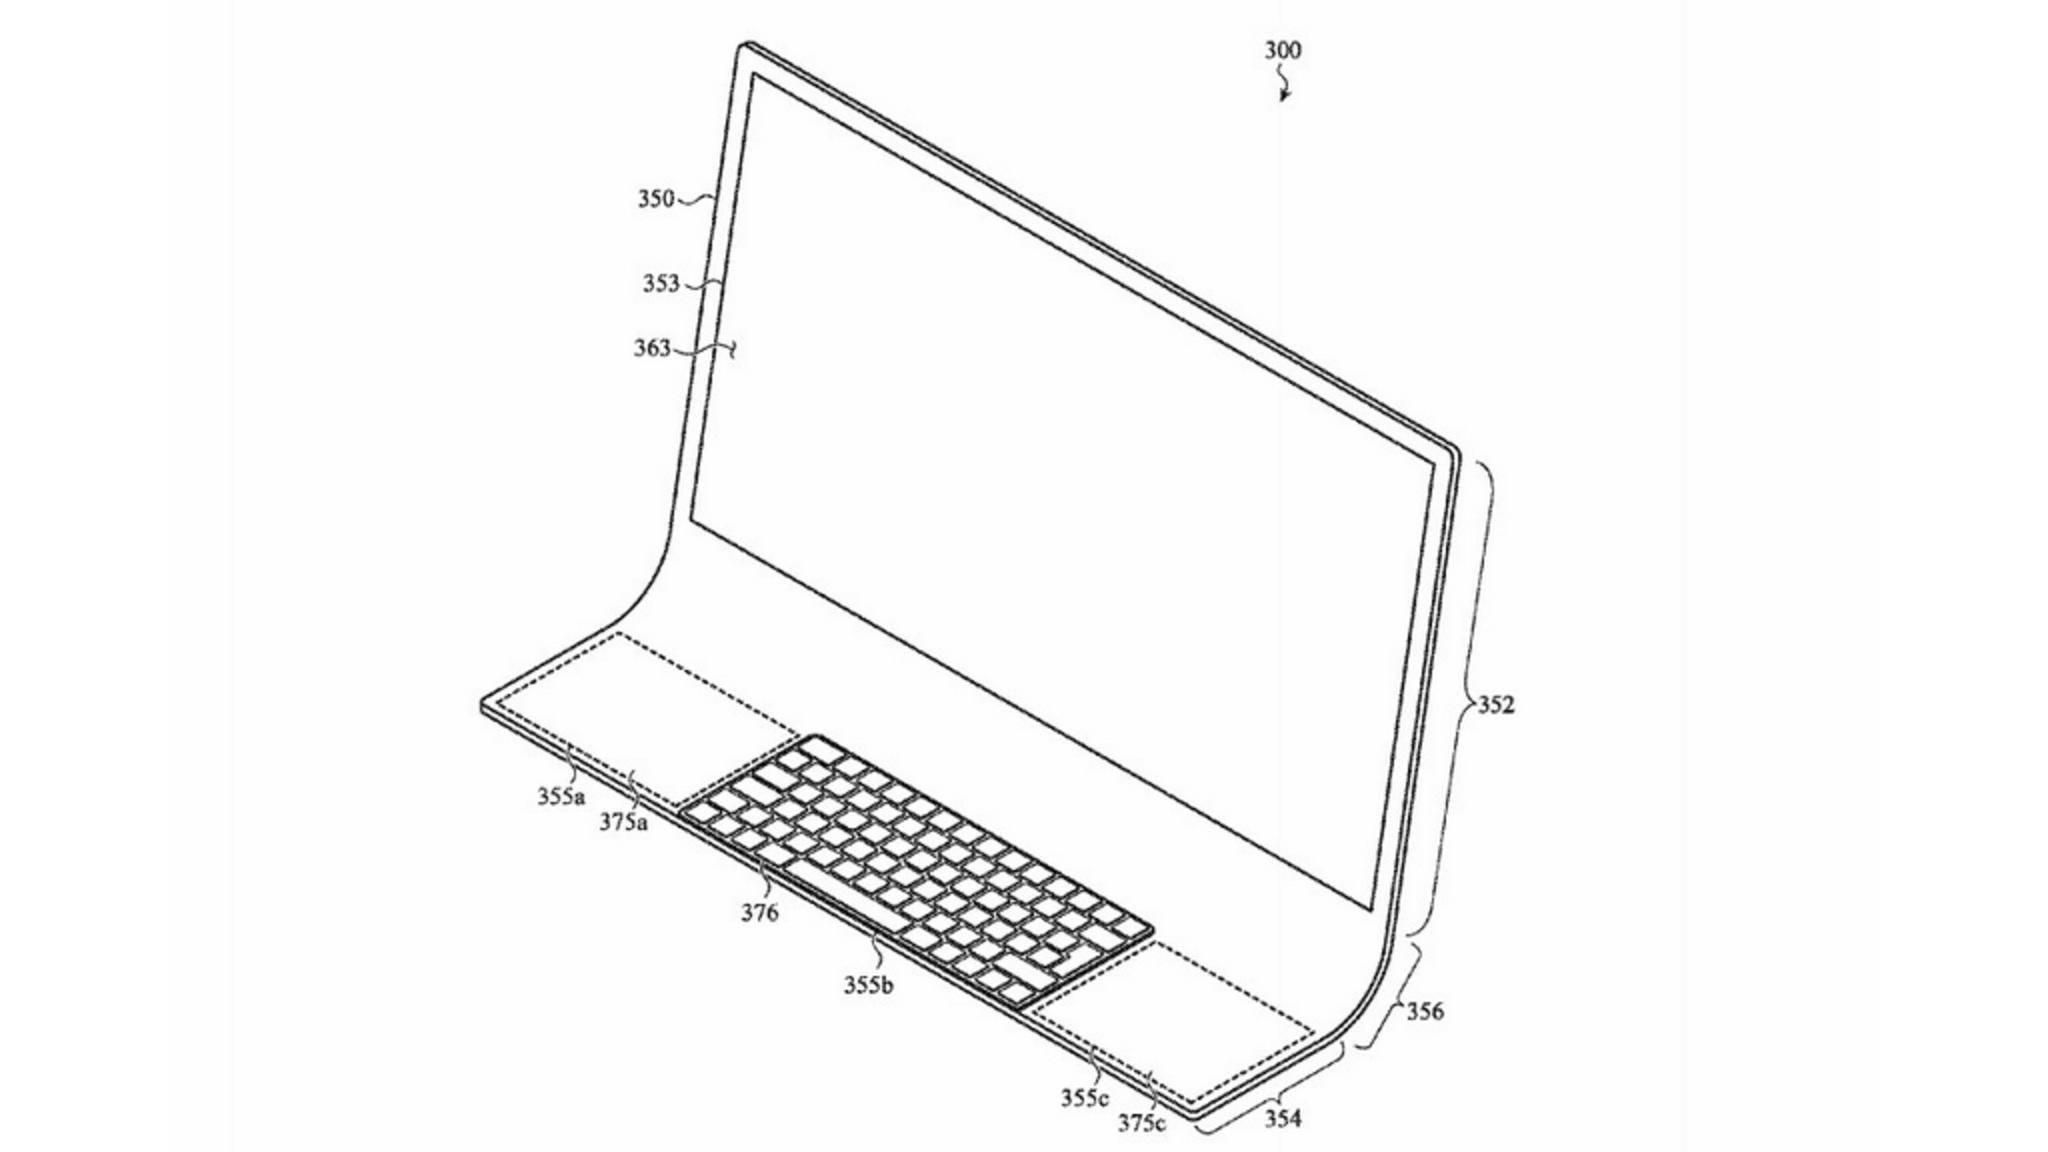 So könnte ein neuer iMac aussehen.